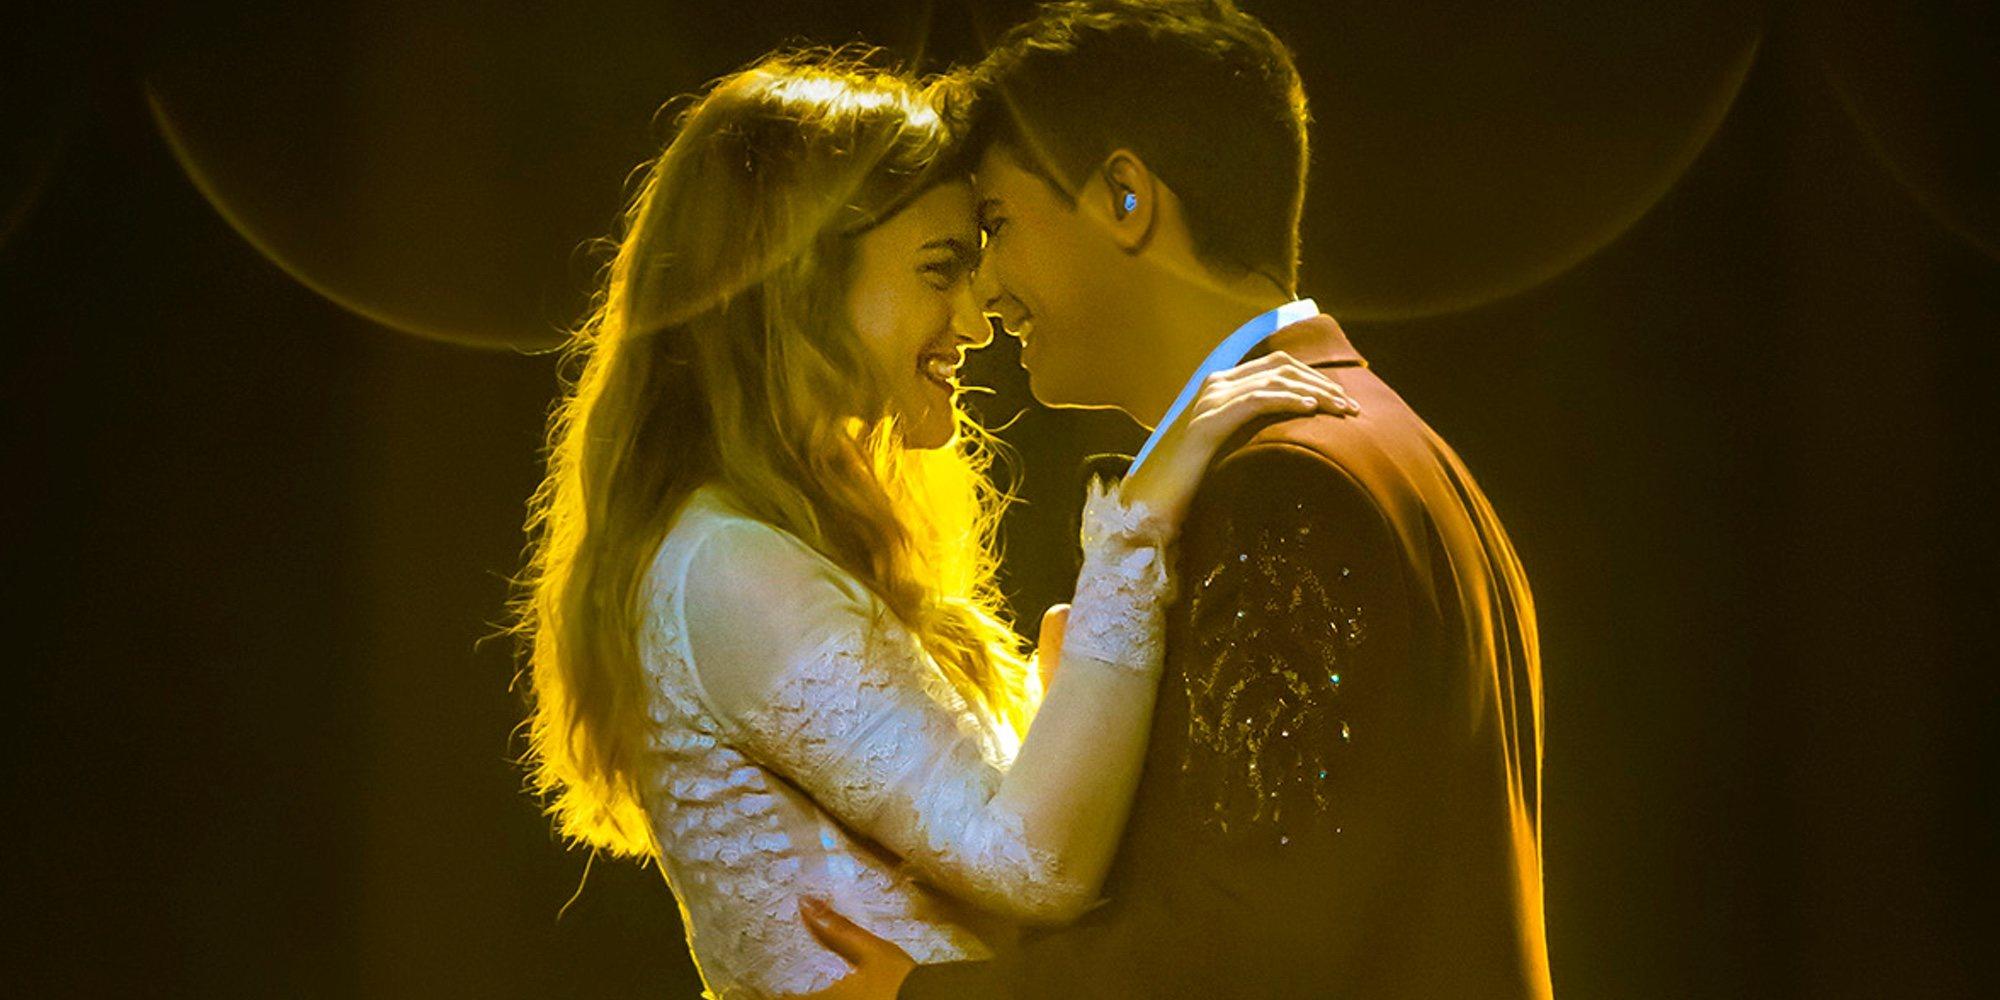 Alfred y Amaia, todo ternura en el primer ensayo general previo a Eurovisión 2018